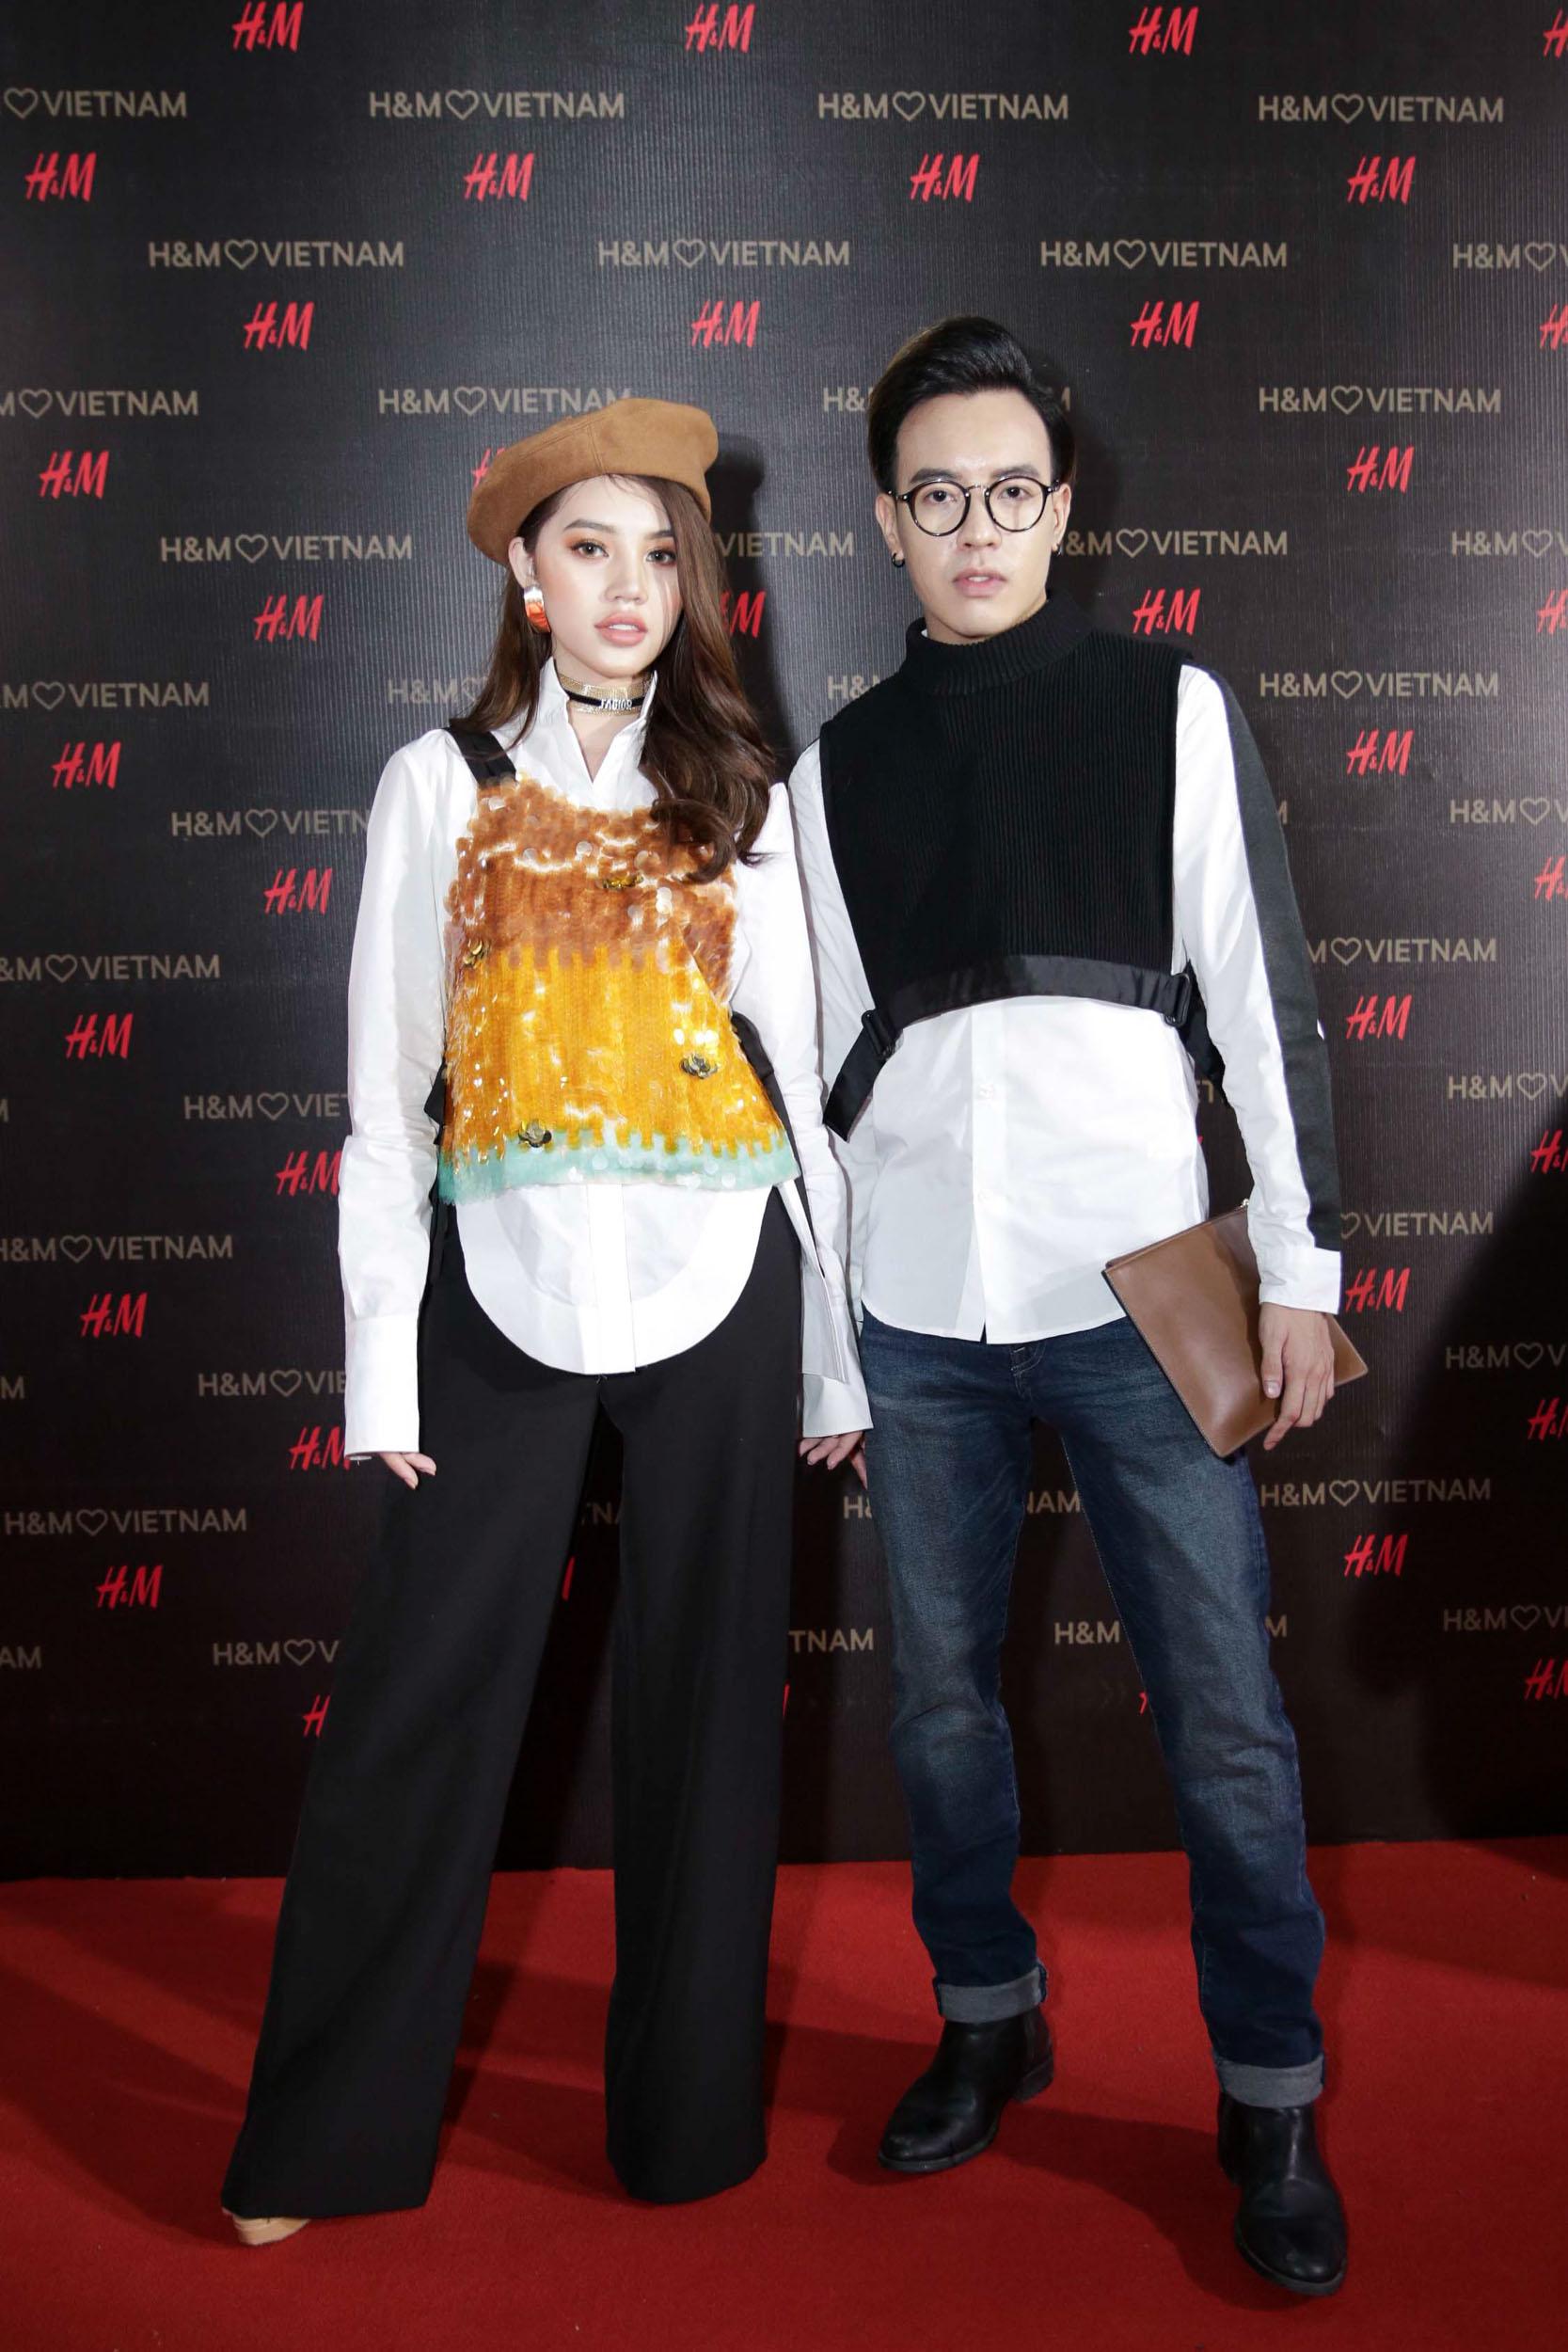 Hoa hậu Jolie Nguyễn và stylist Mạch Huy.